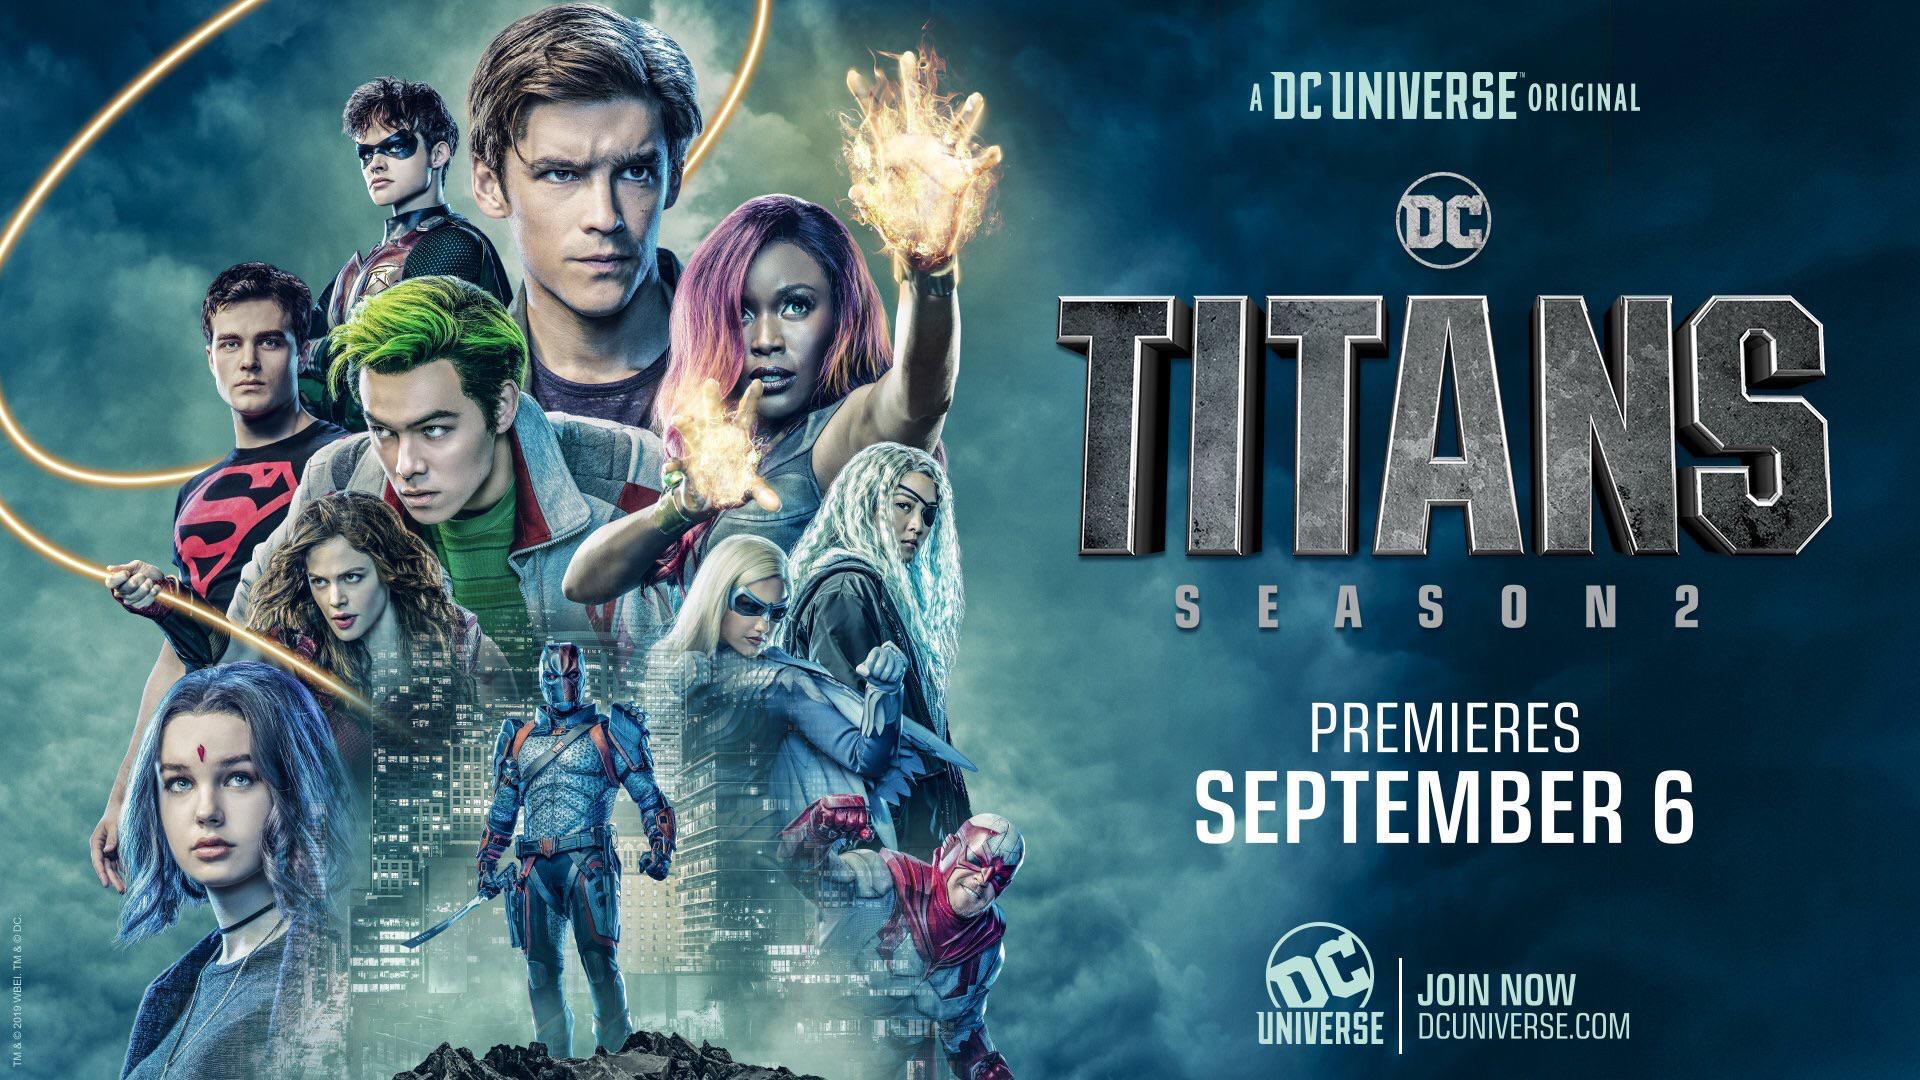 titans season 2 poster ile ilgili görsel sonucu